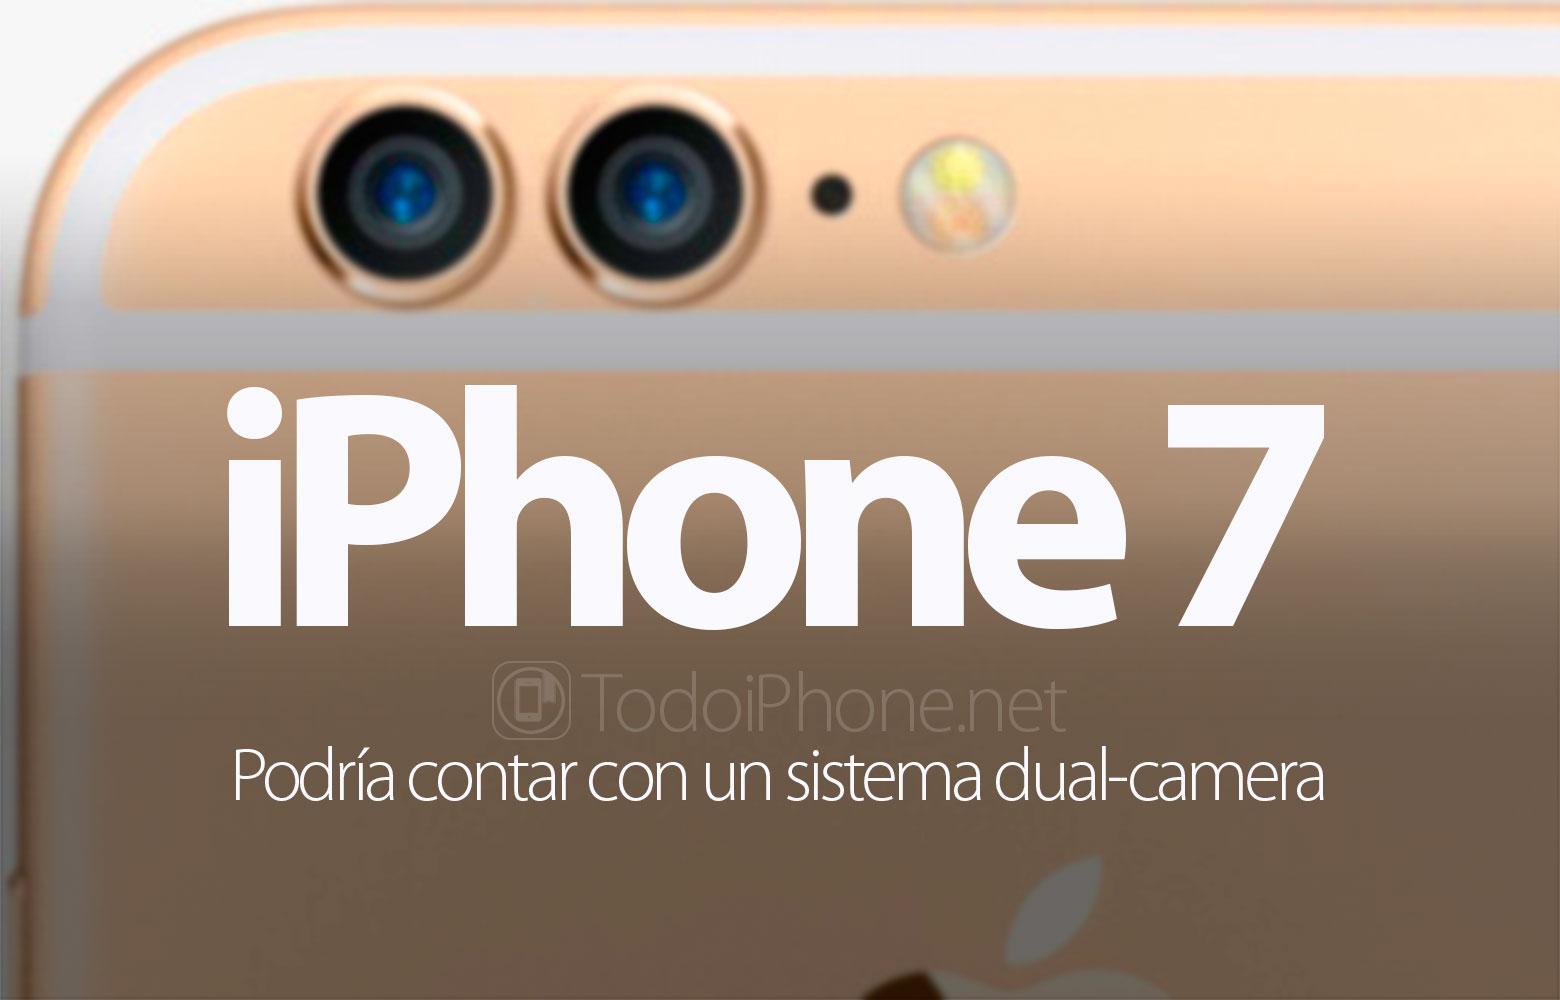 iphone-7-rumor-dual-camera